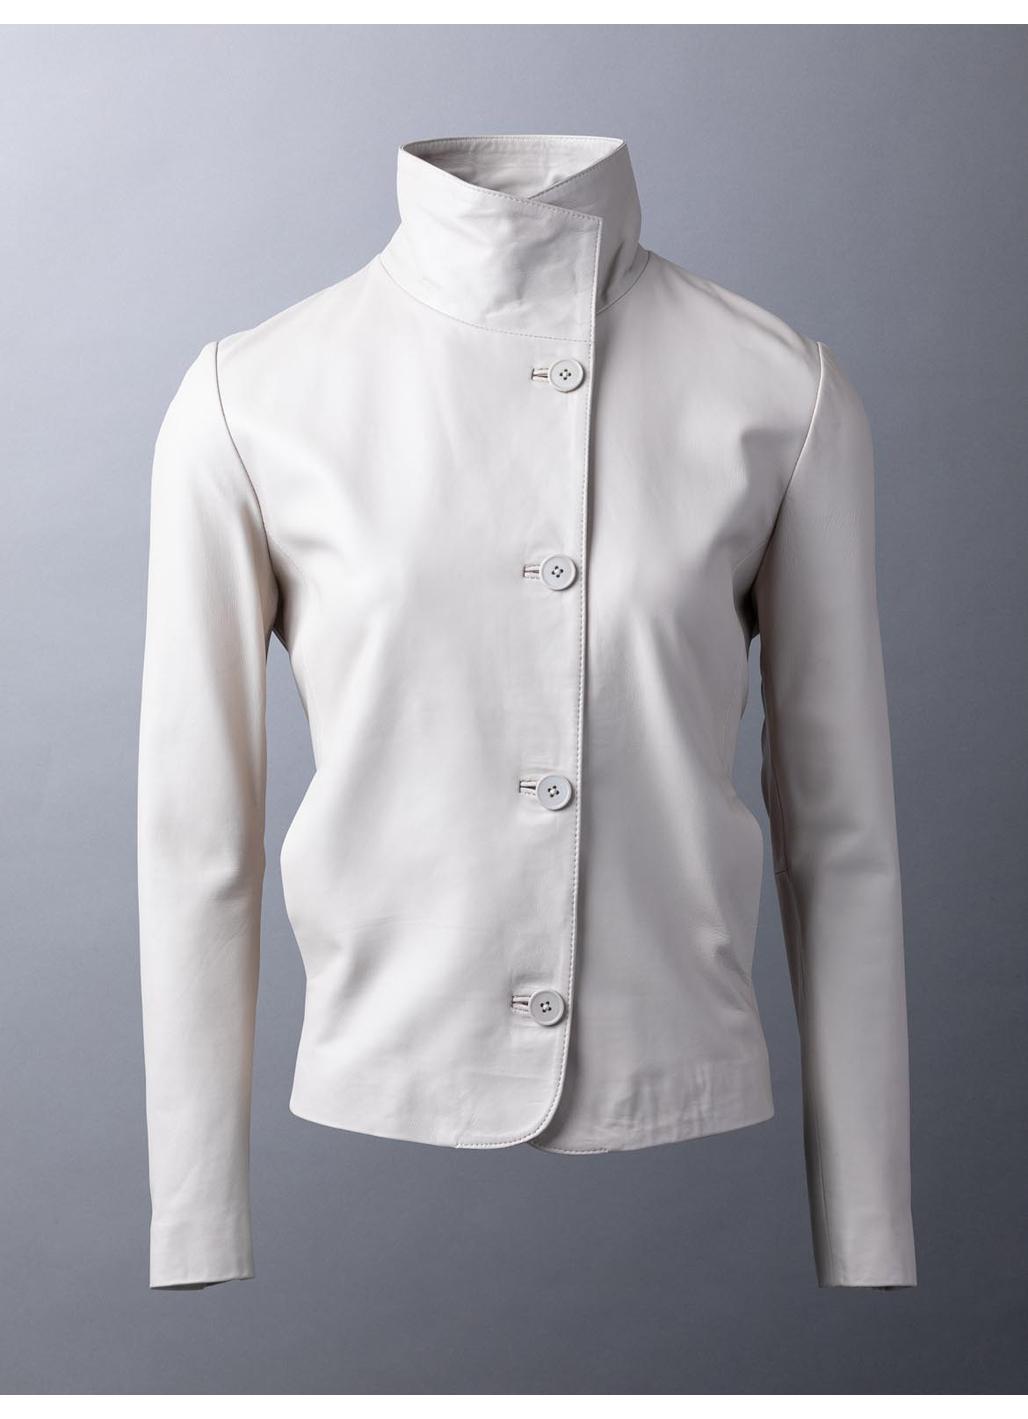 Derwentwater Leather Jacket in Parchment